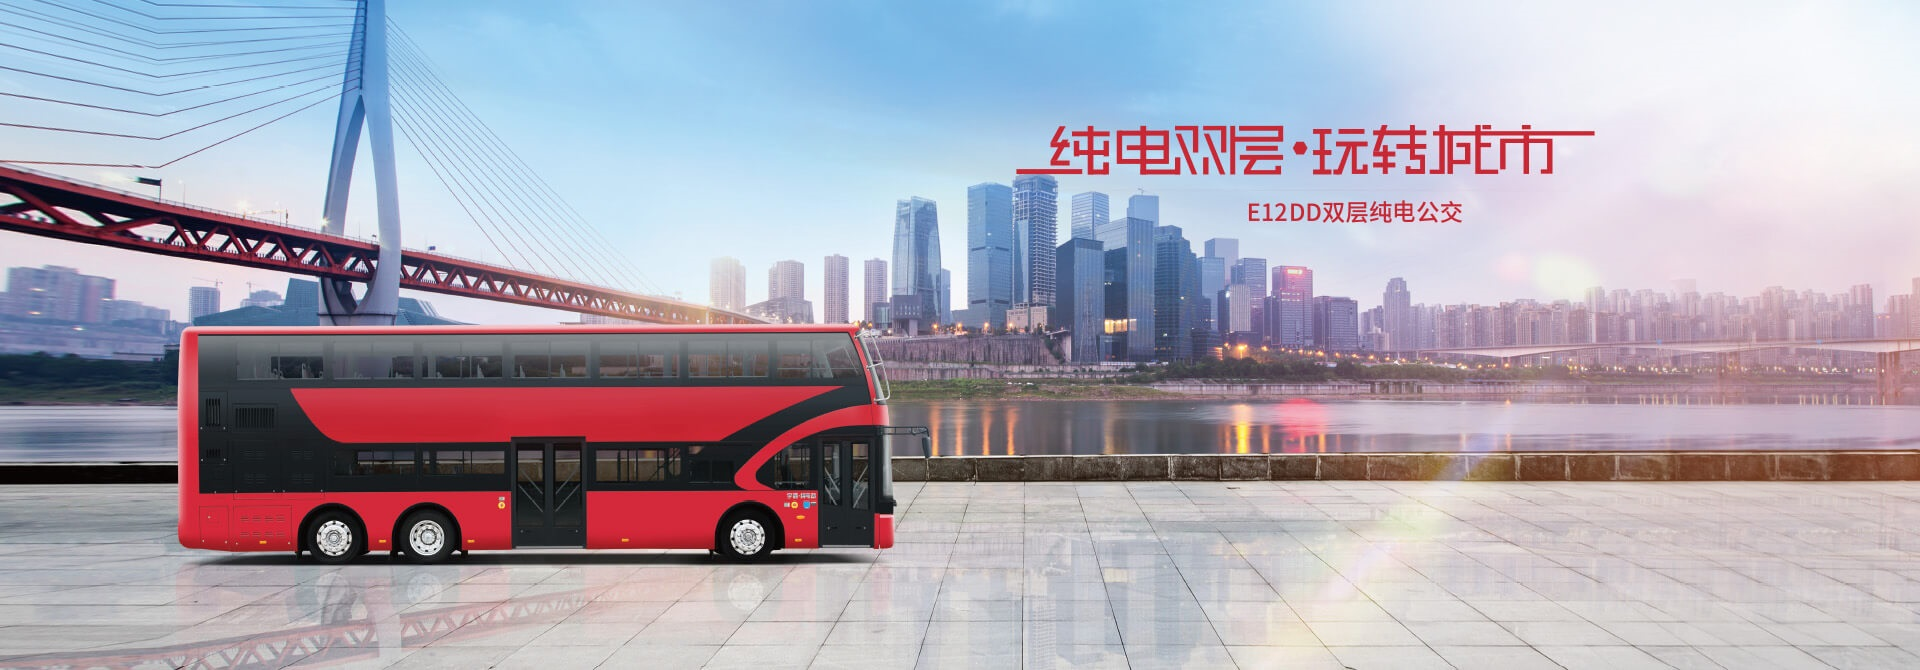 无空格E12 DD双层纯电公交